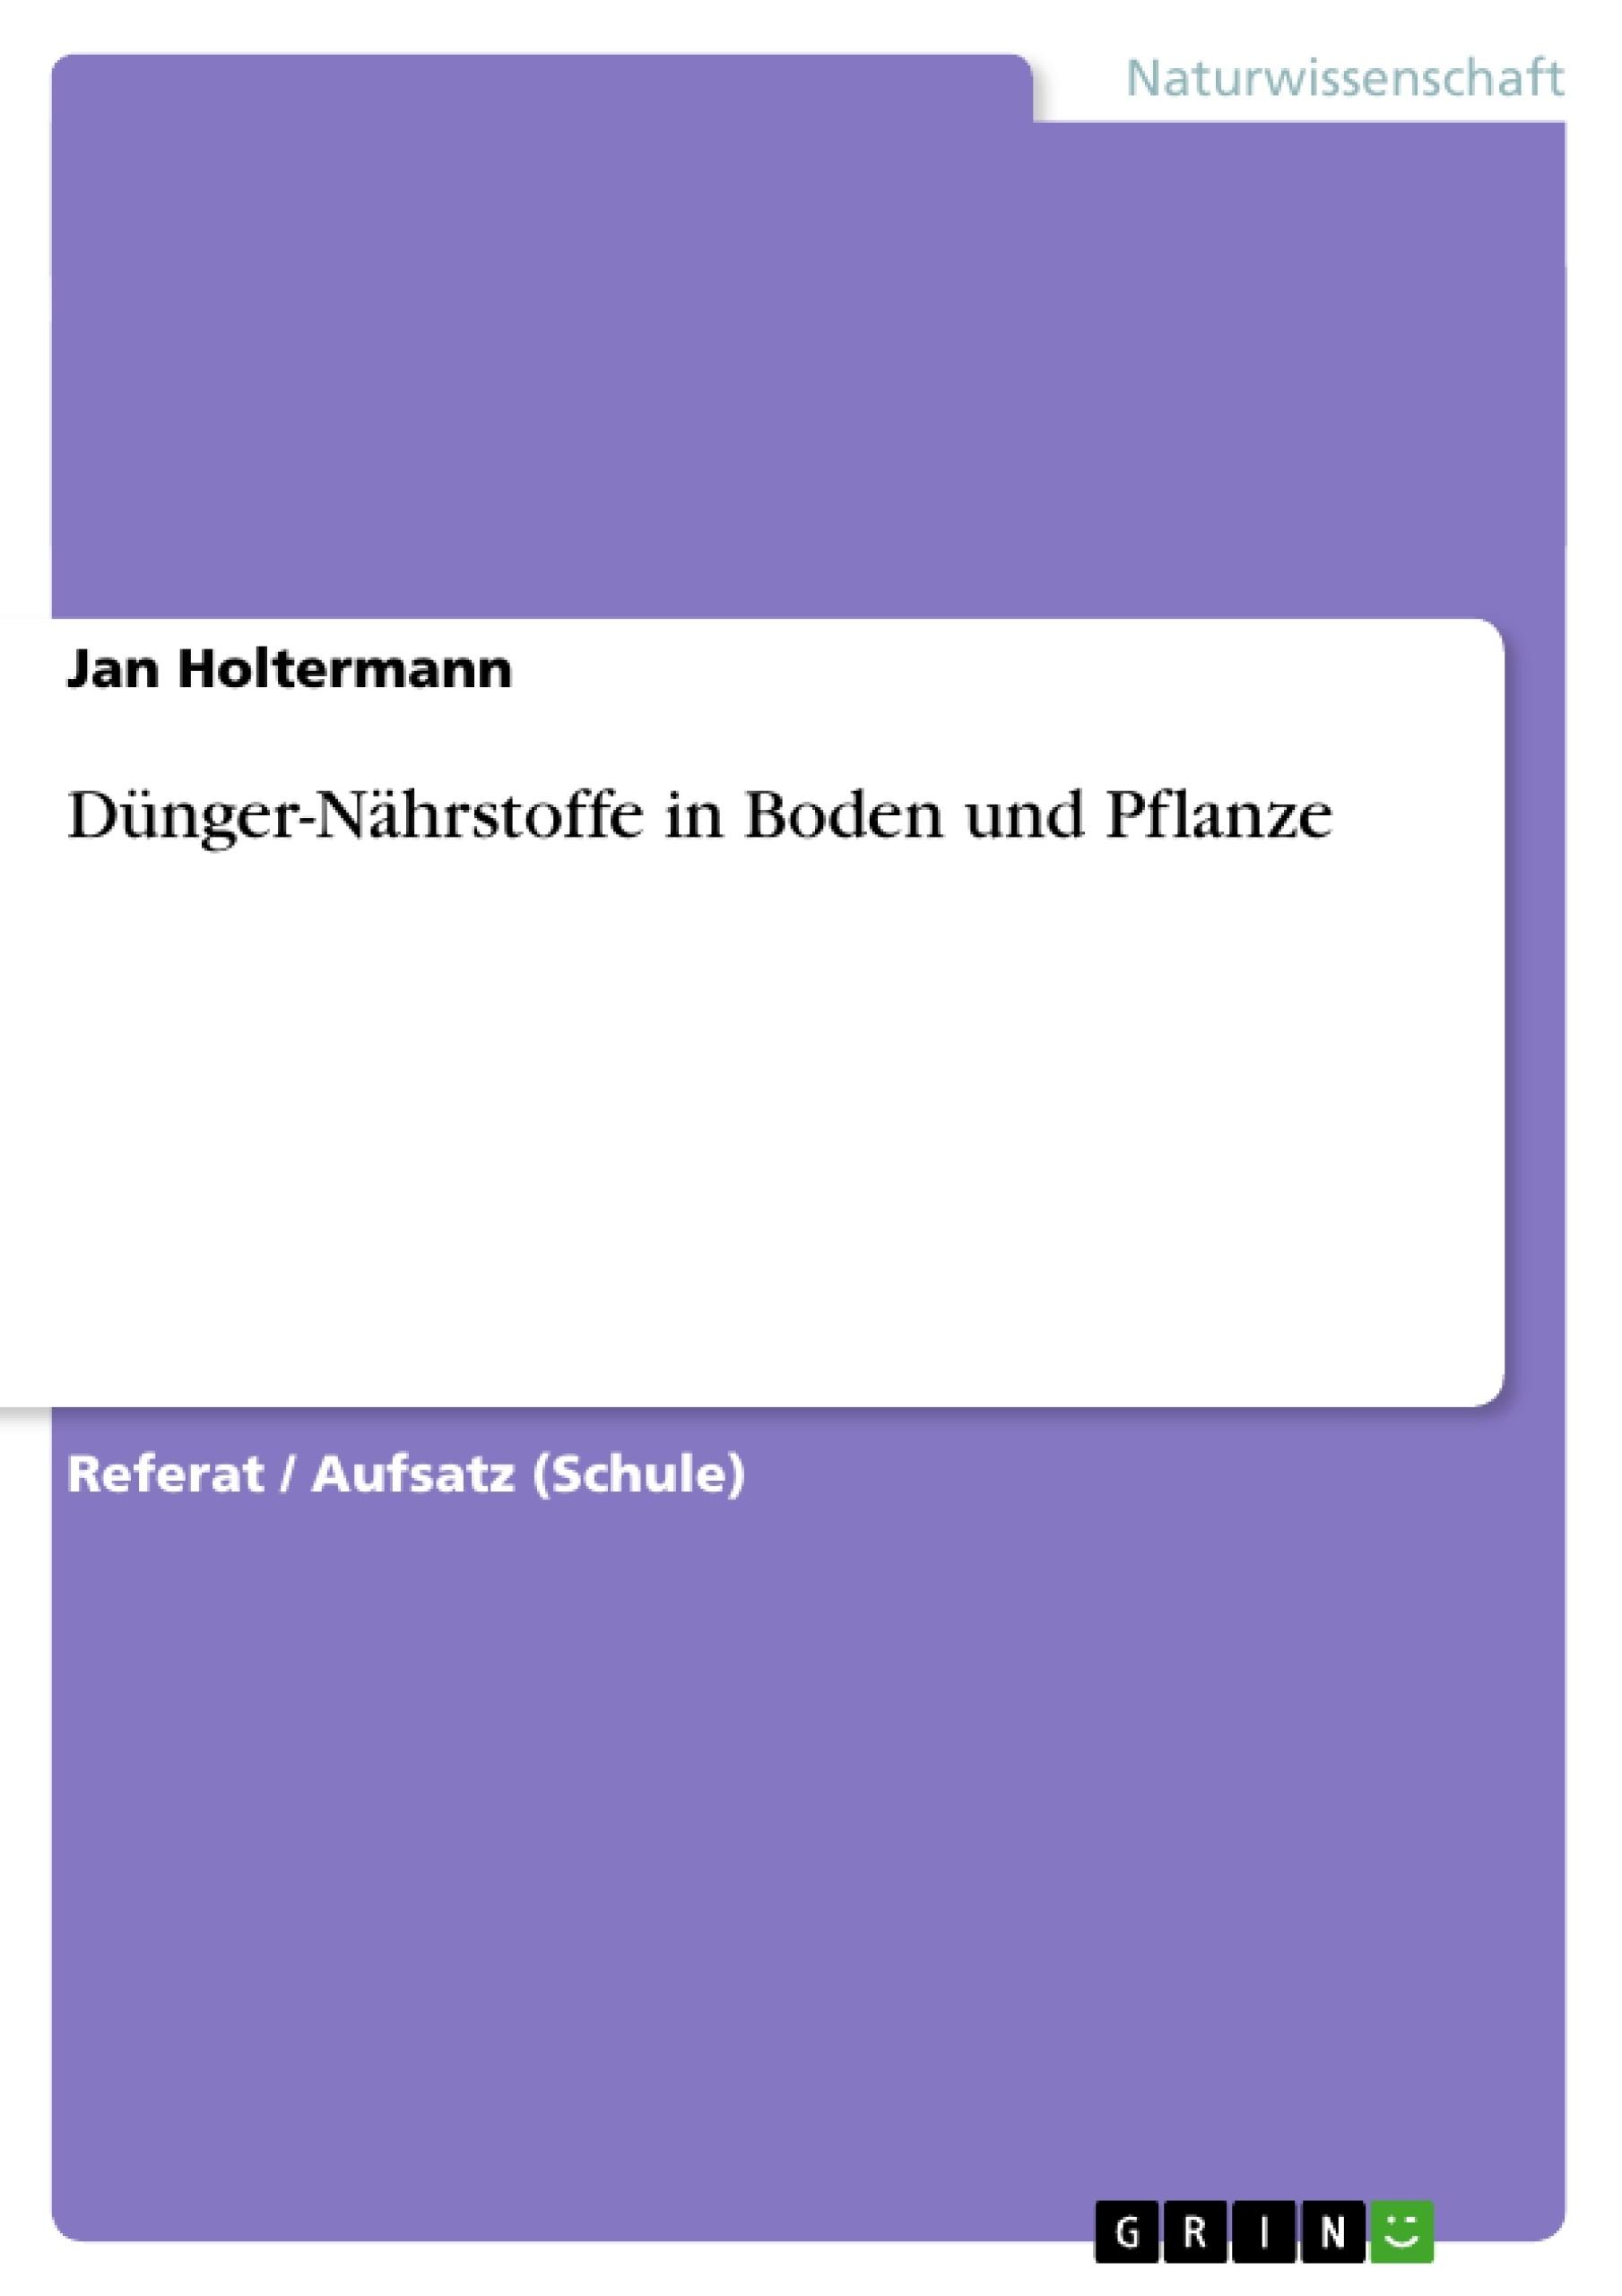 Titel: Dünger-Nährstoffe in Boden und Pflanze